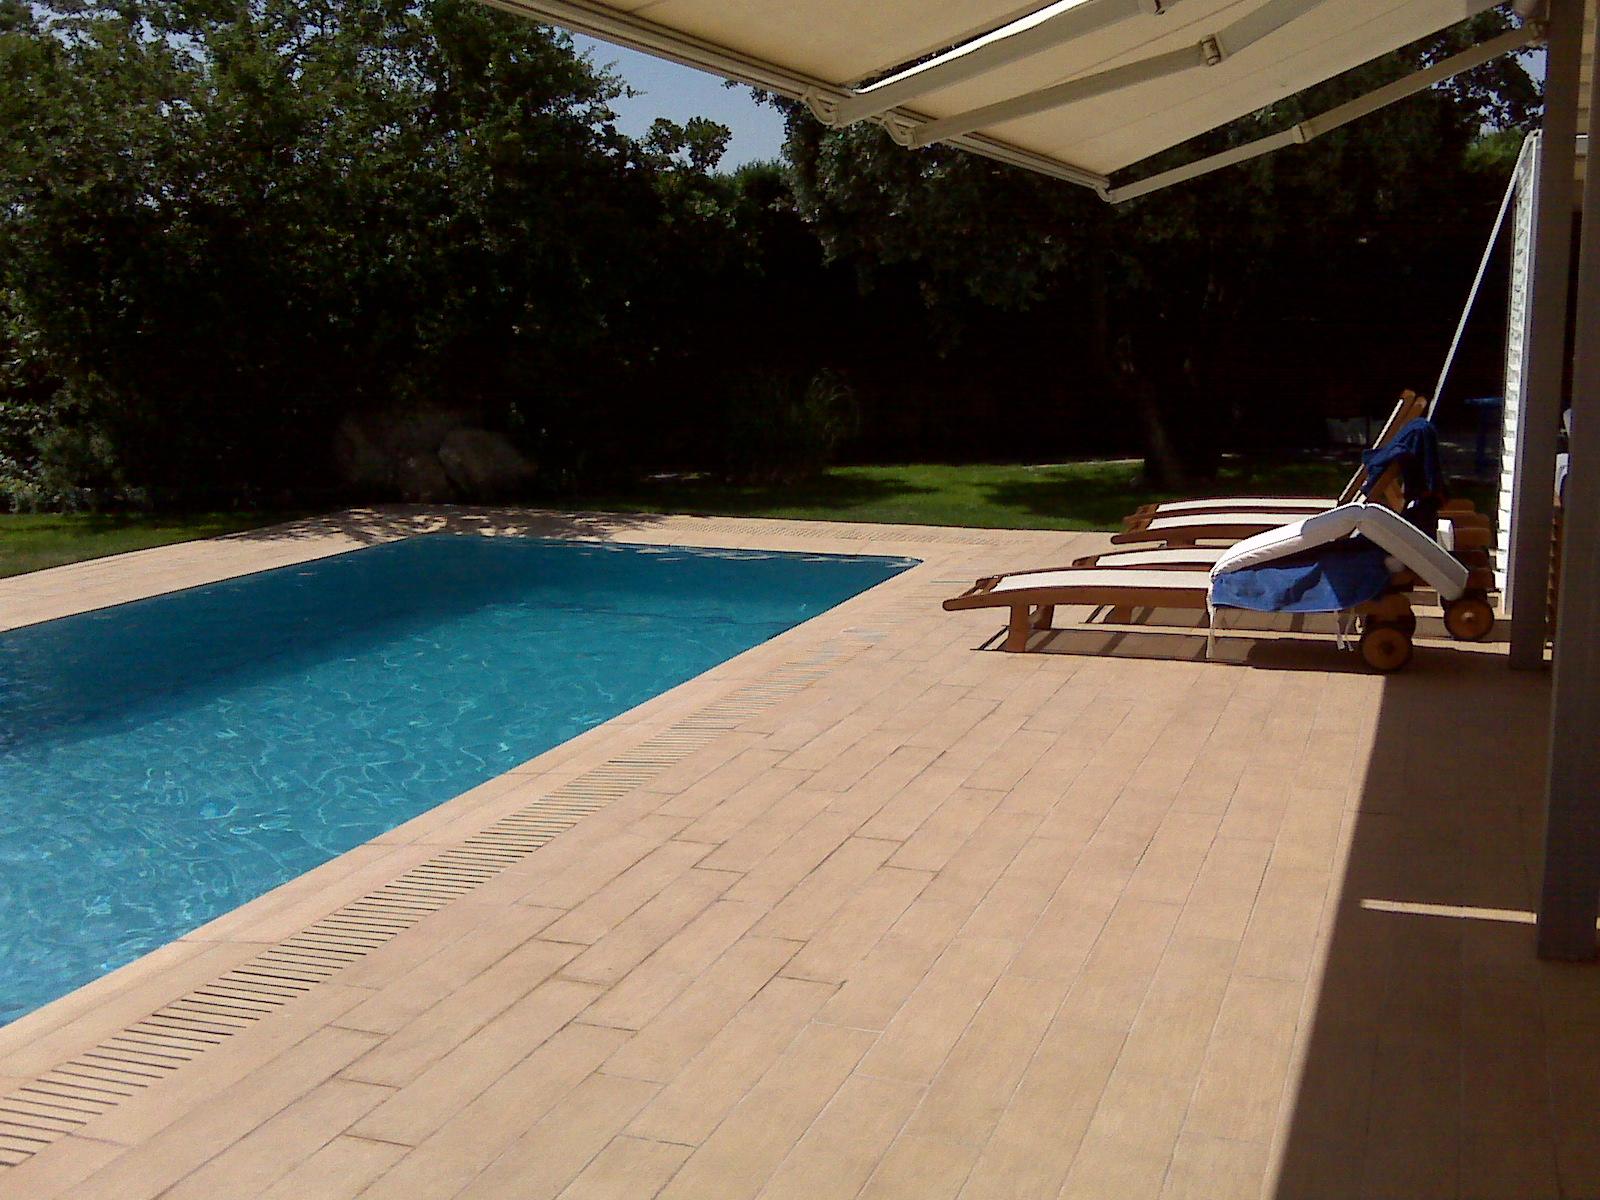 Rosa gres el sistema desbordante para piscina privada en for Gres para piscinas